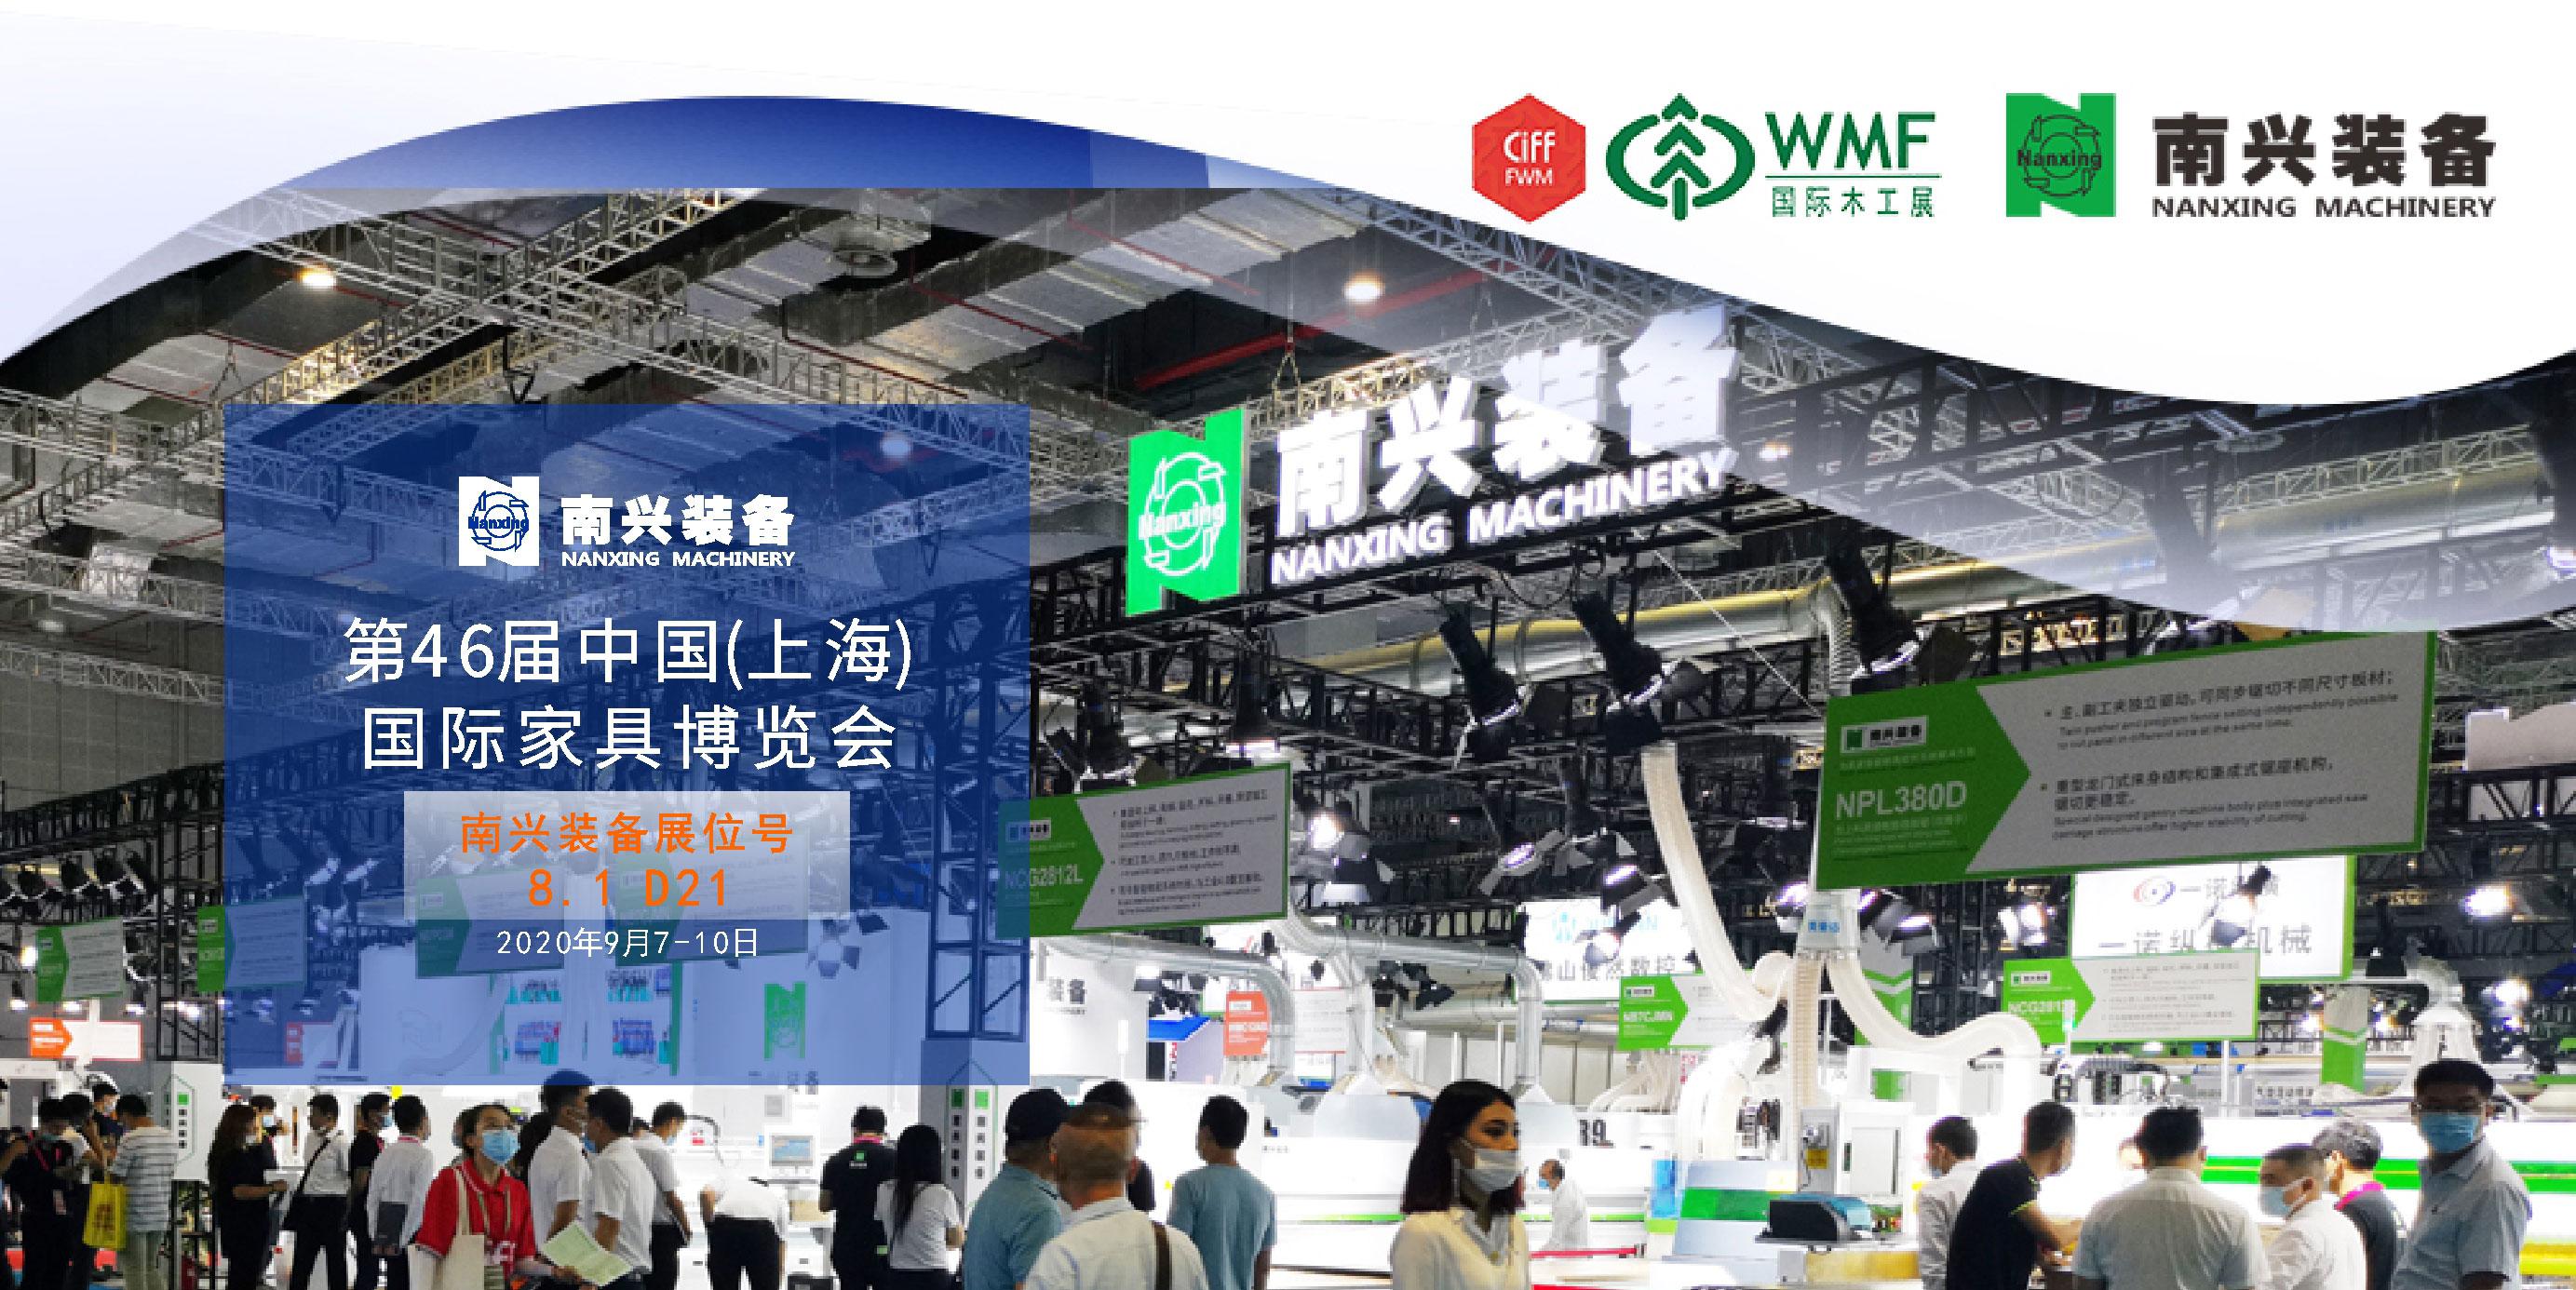 上海CIFF首日|直擊南興裝備 感受創新魅力